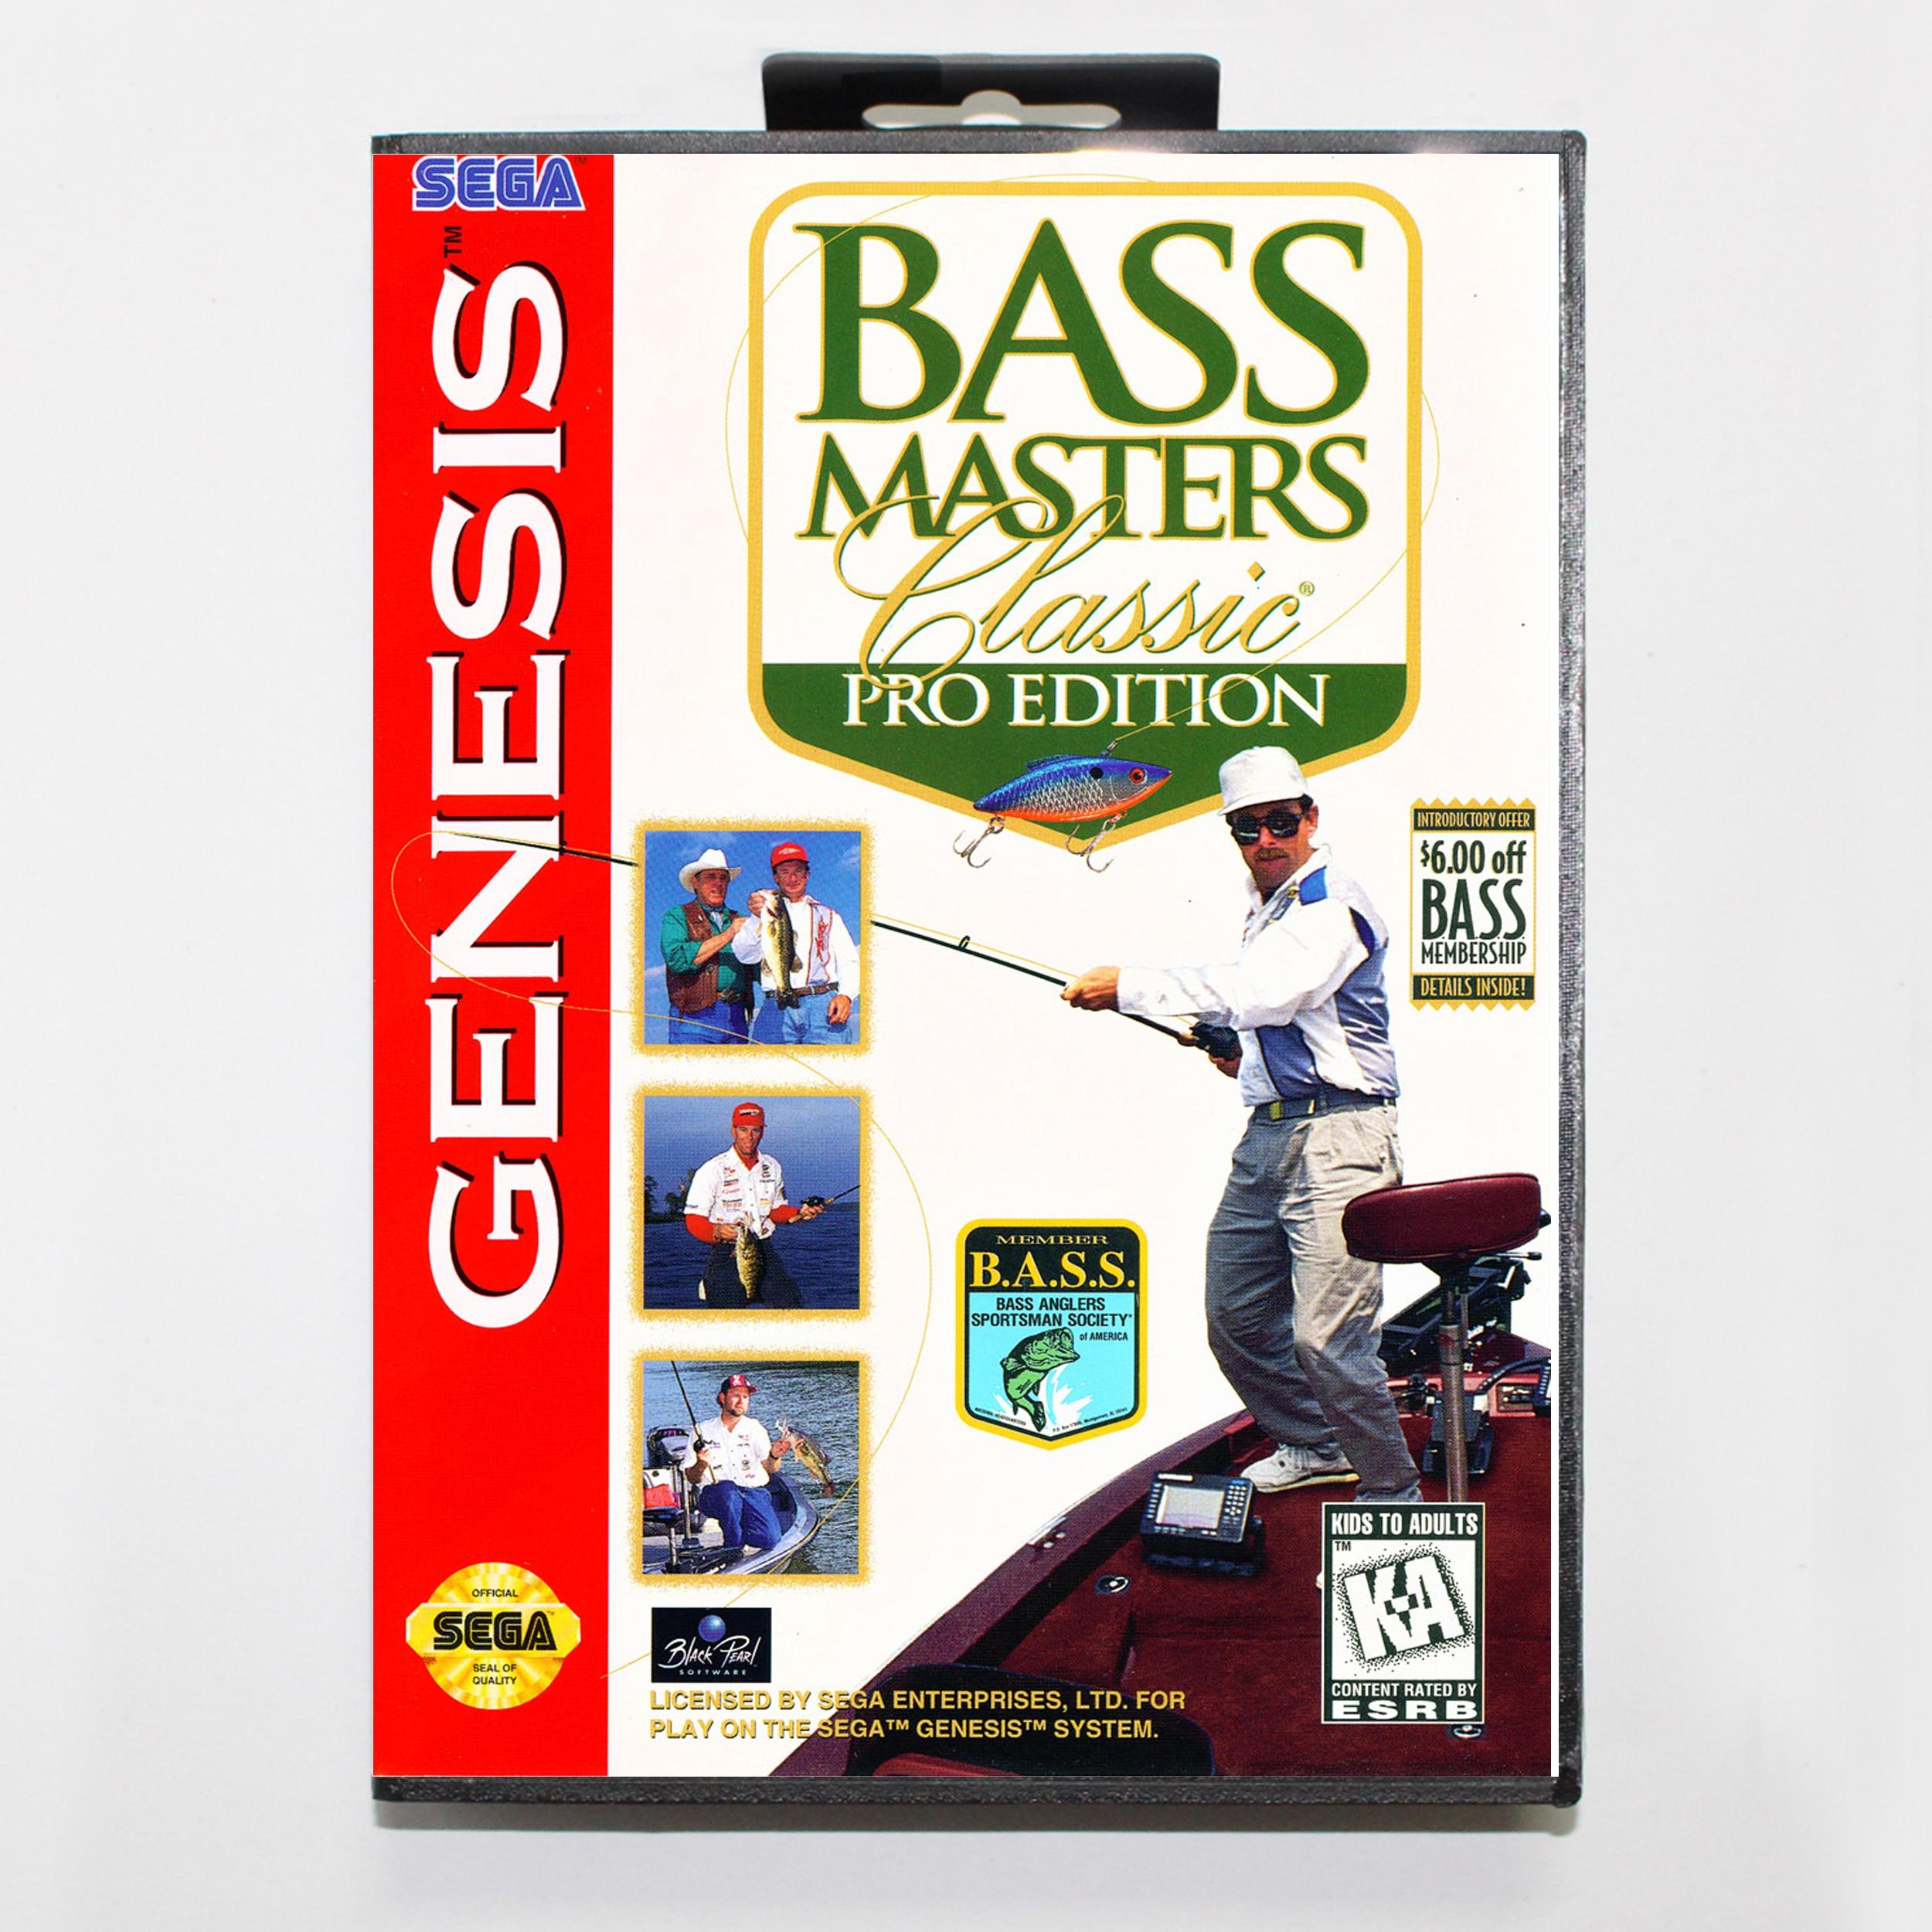 Bass Master-Edición clásica Pro, con caja de venta al por menor, tarjeta...